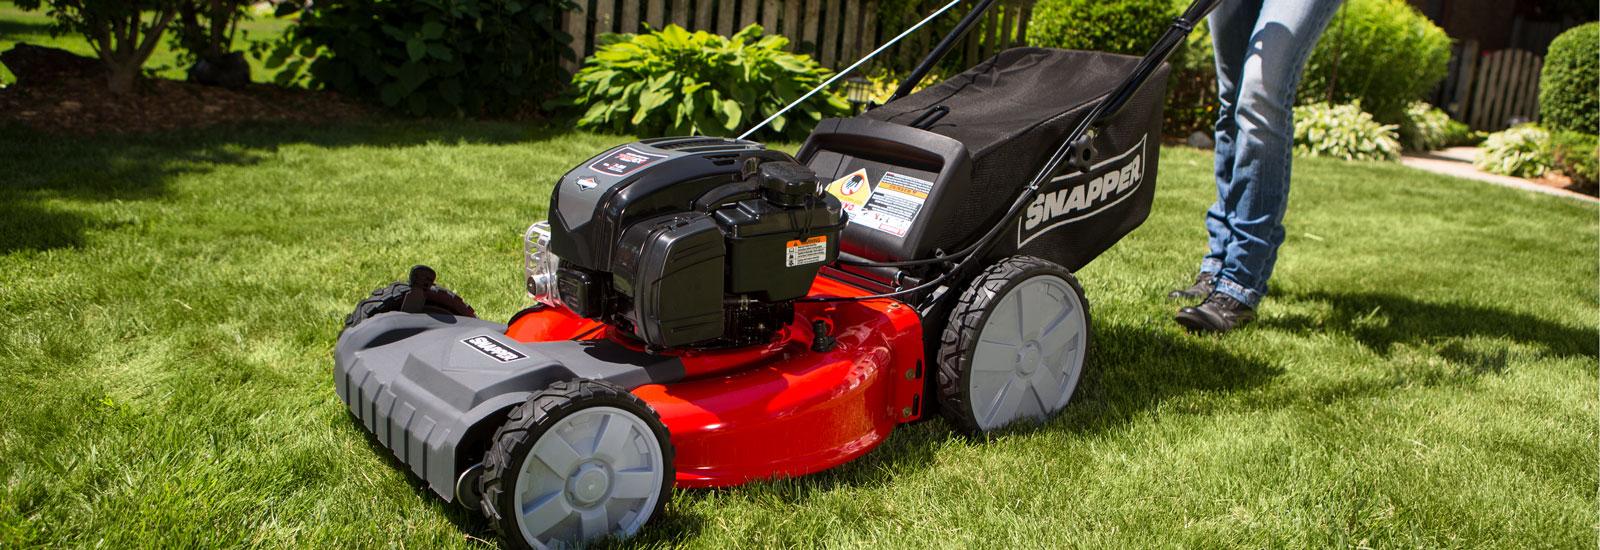 Stand Behind Lawn Mower >> Push Mowers Self Propelled Walk Behind Mowers Snapper